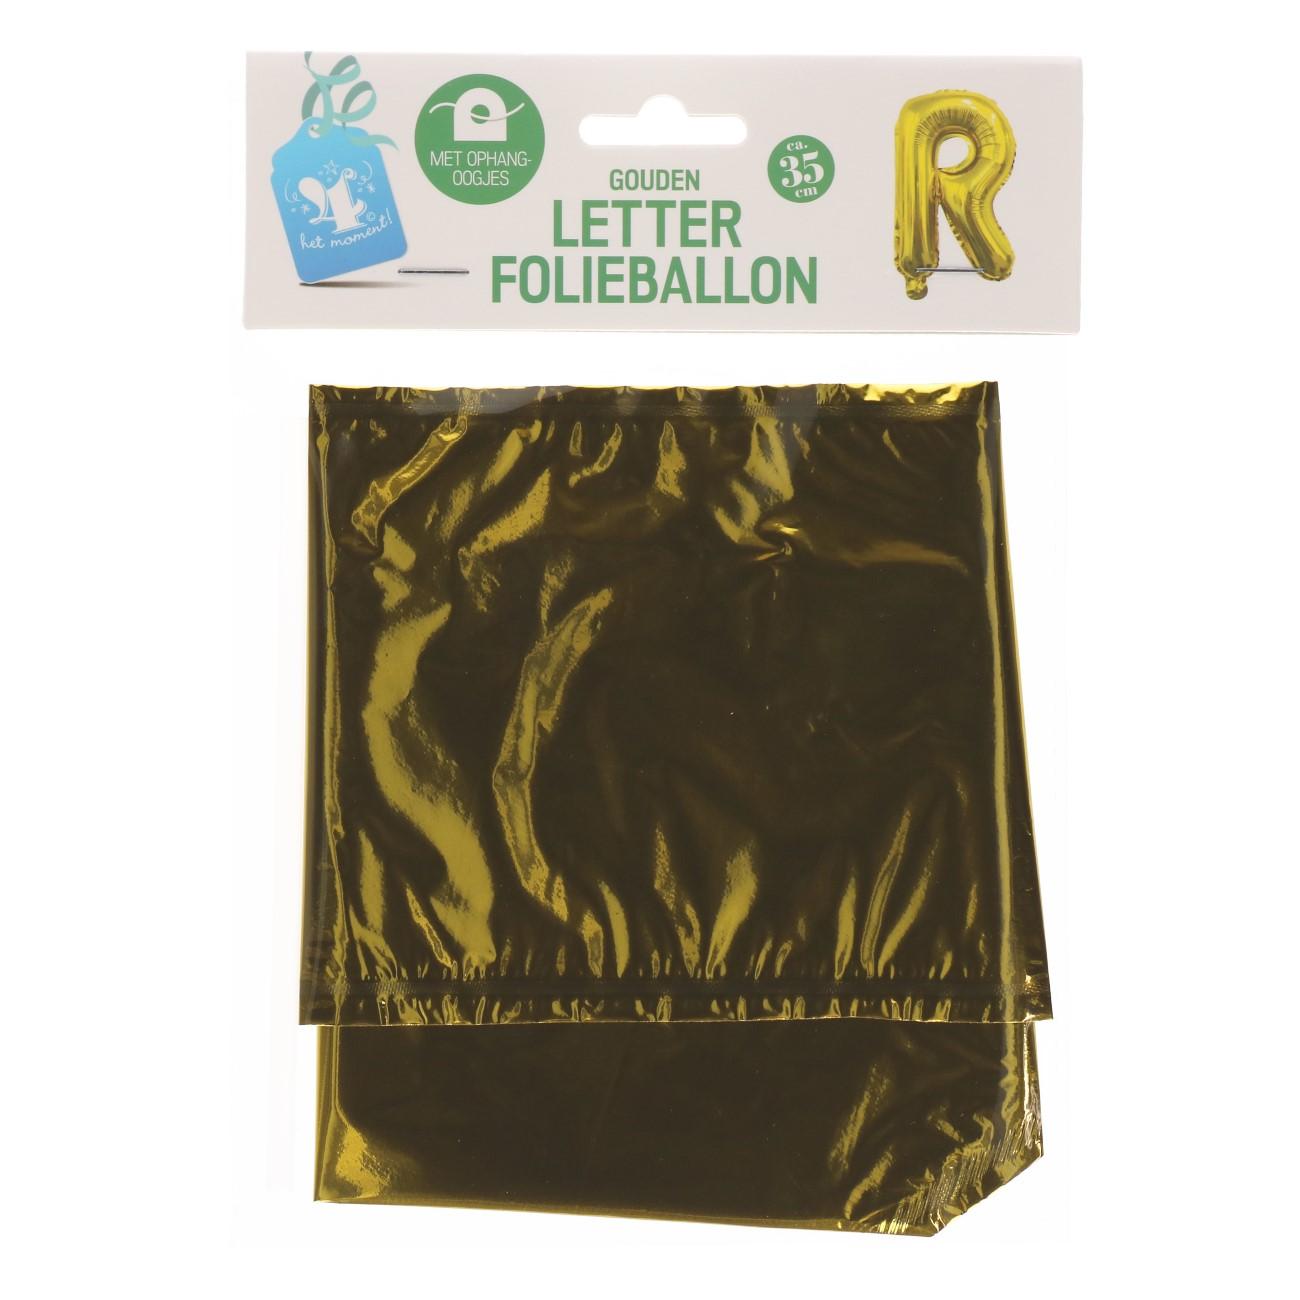 Folieballon letter goud R